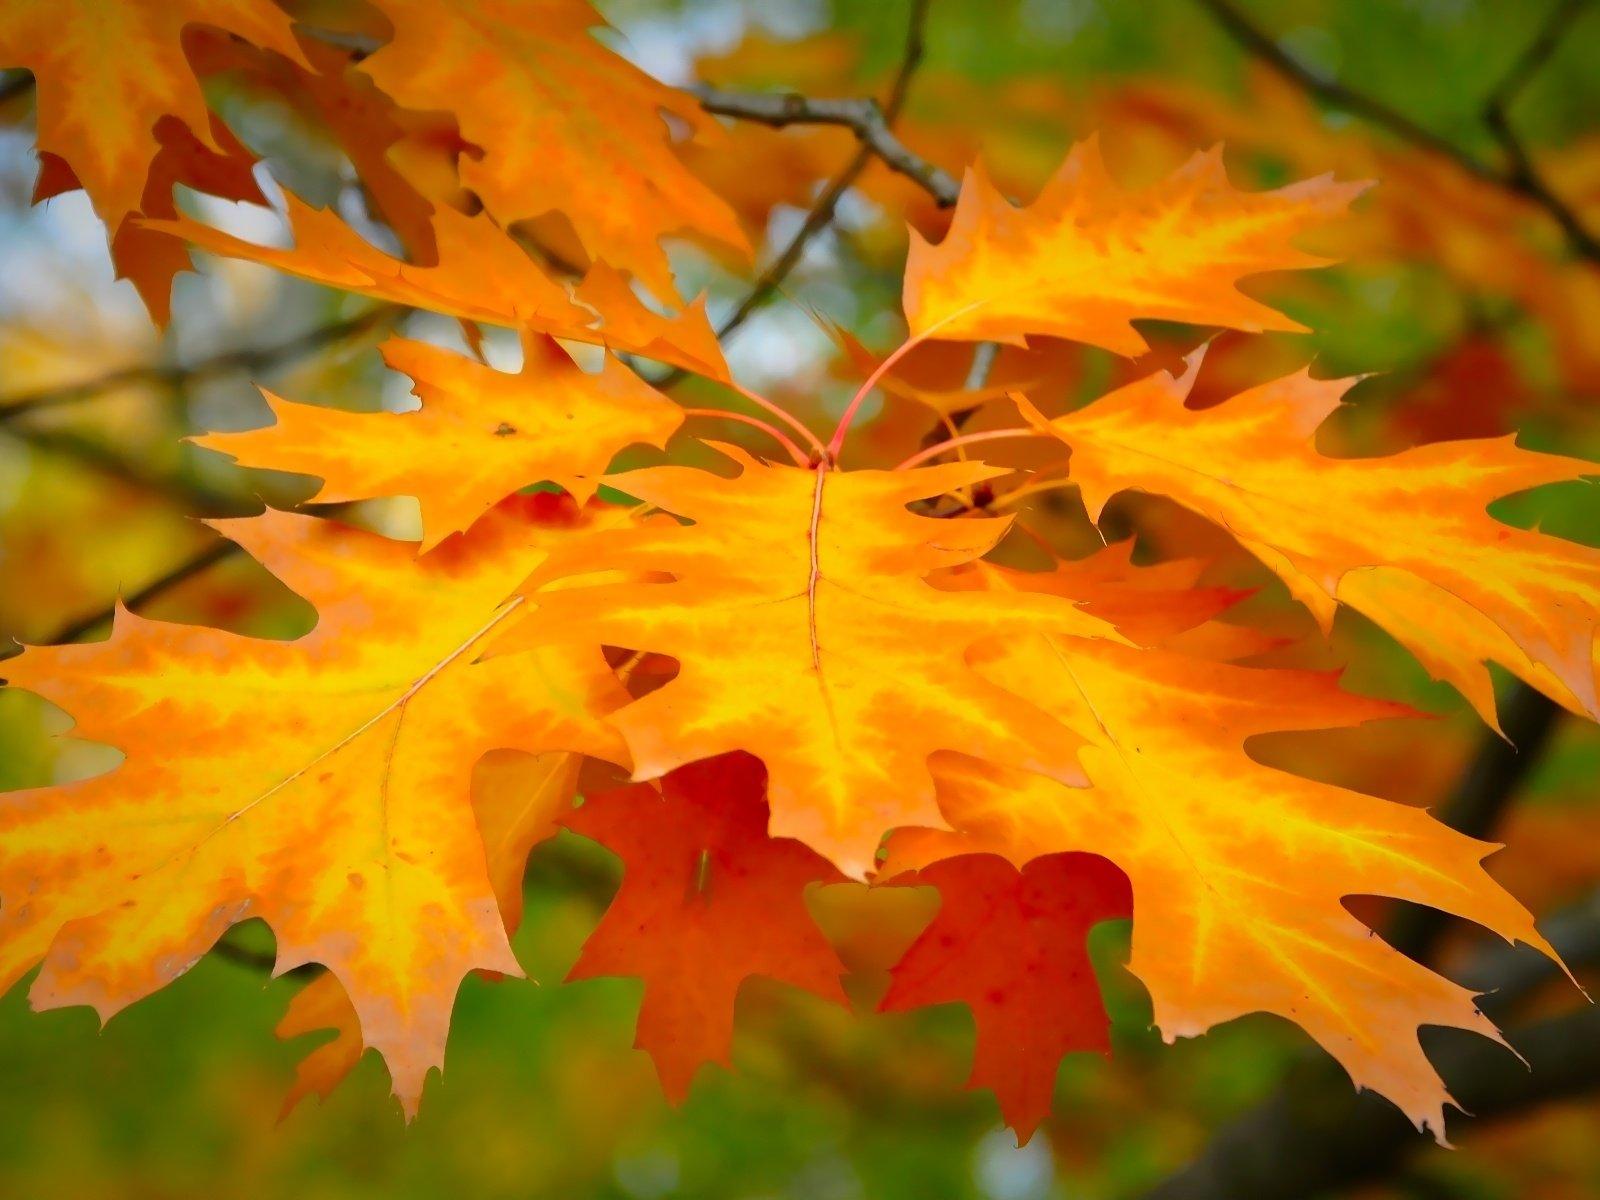 основной картинки осень листья большие наклейте